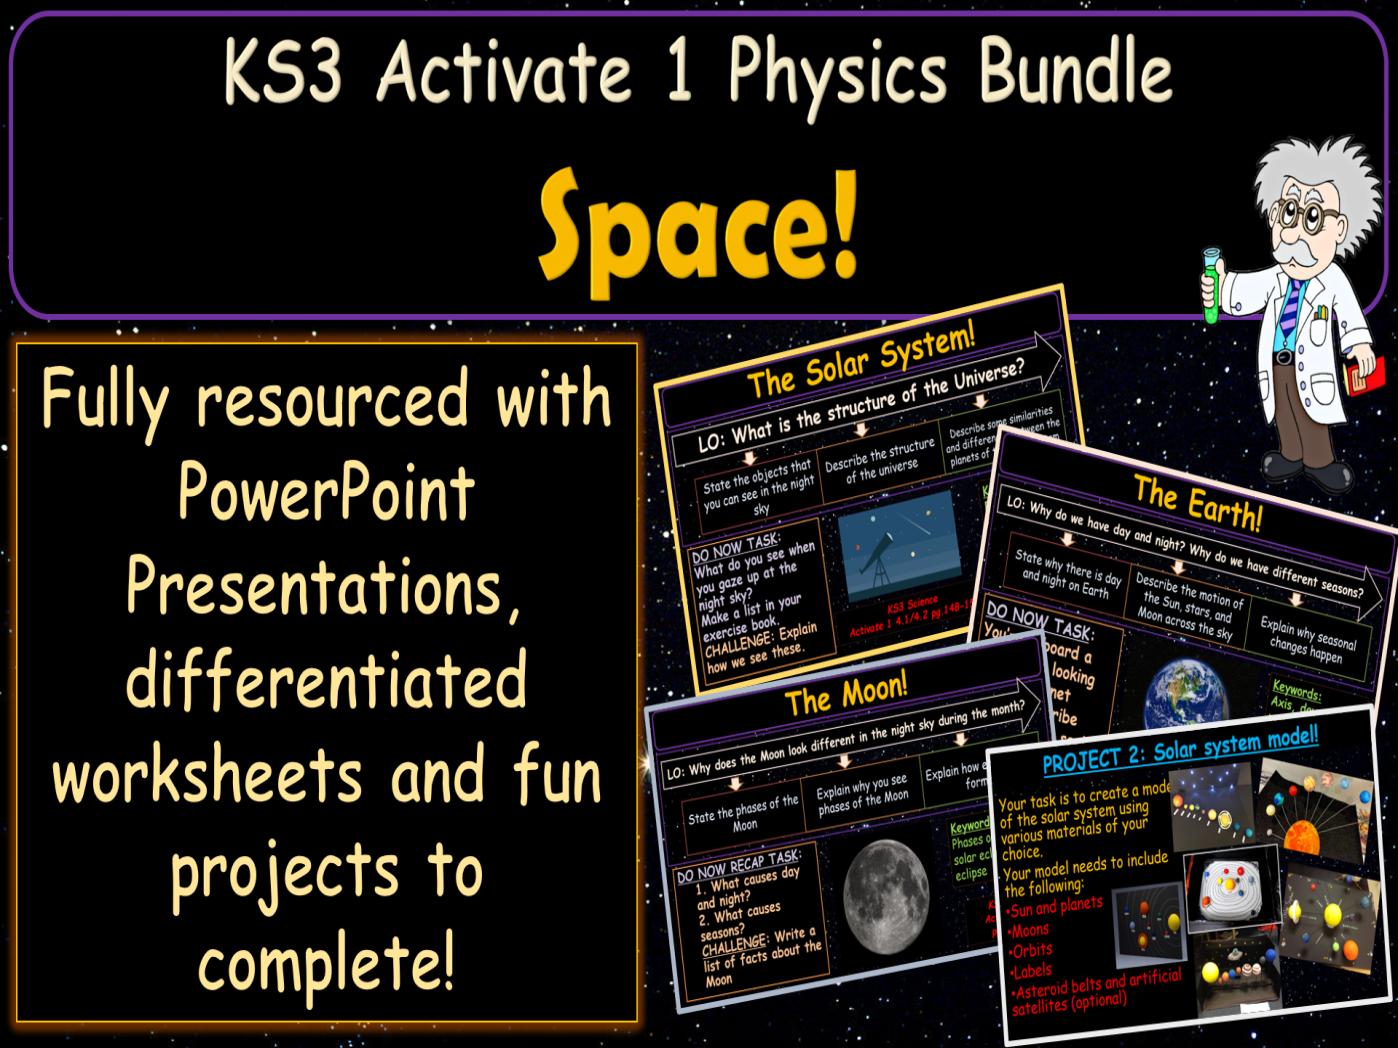 Space Activate 1 KS3 Science bundle